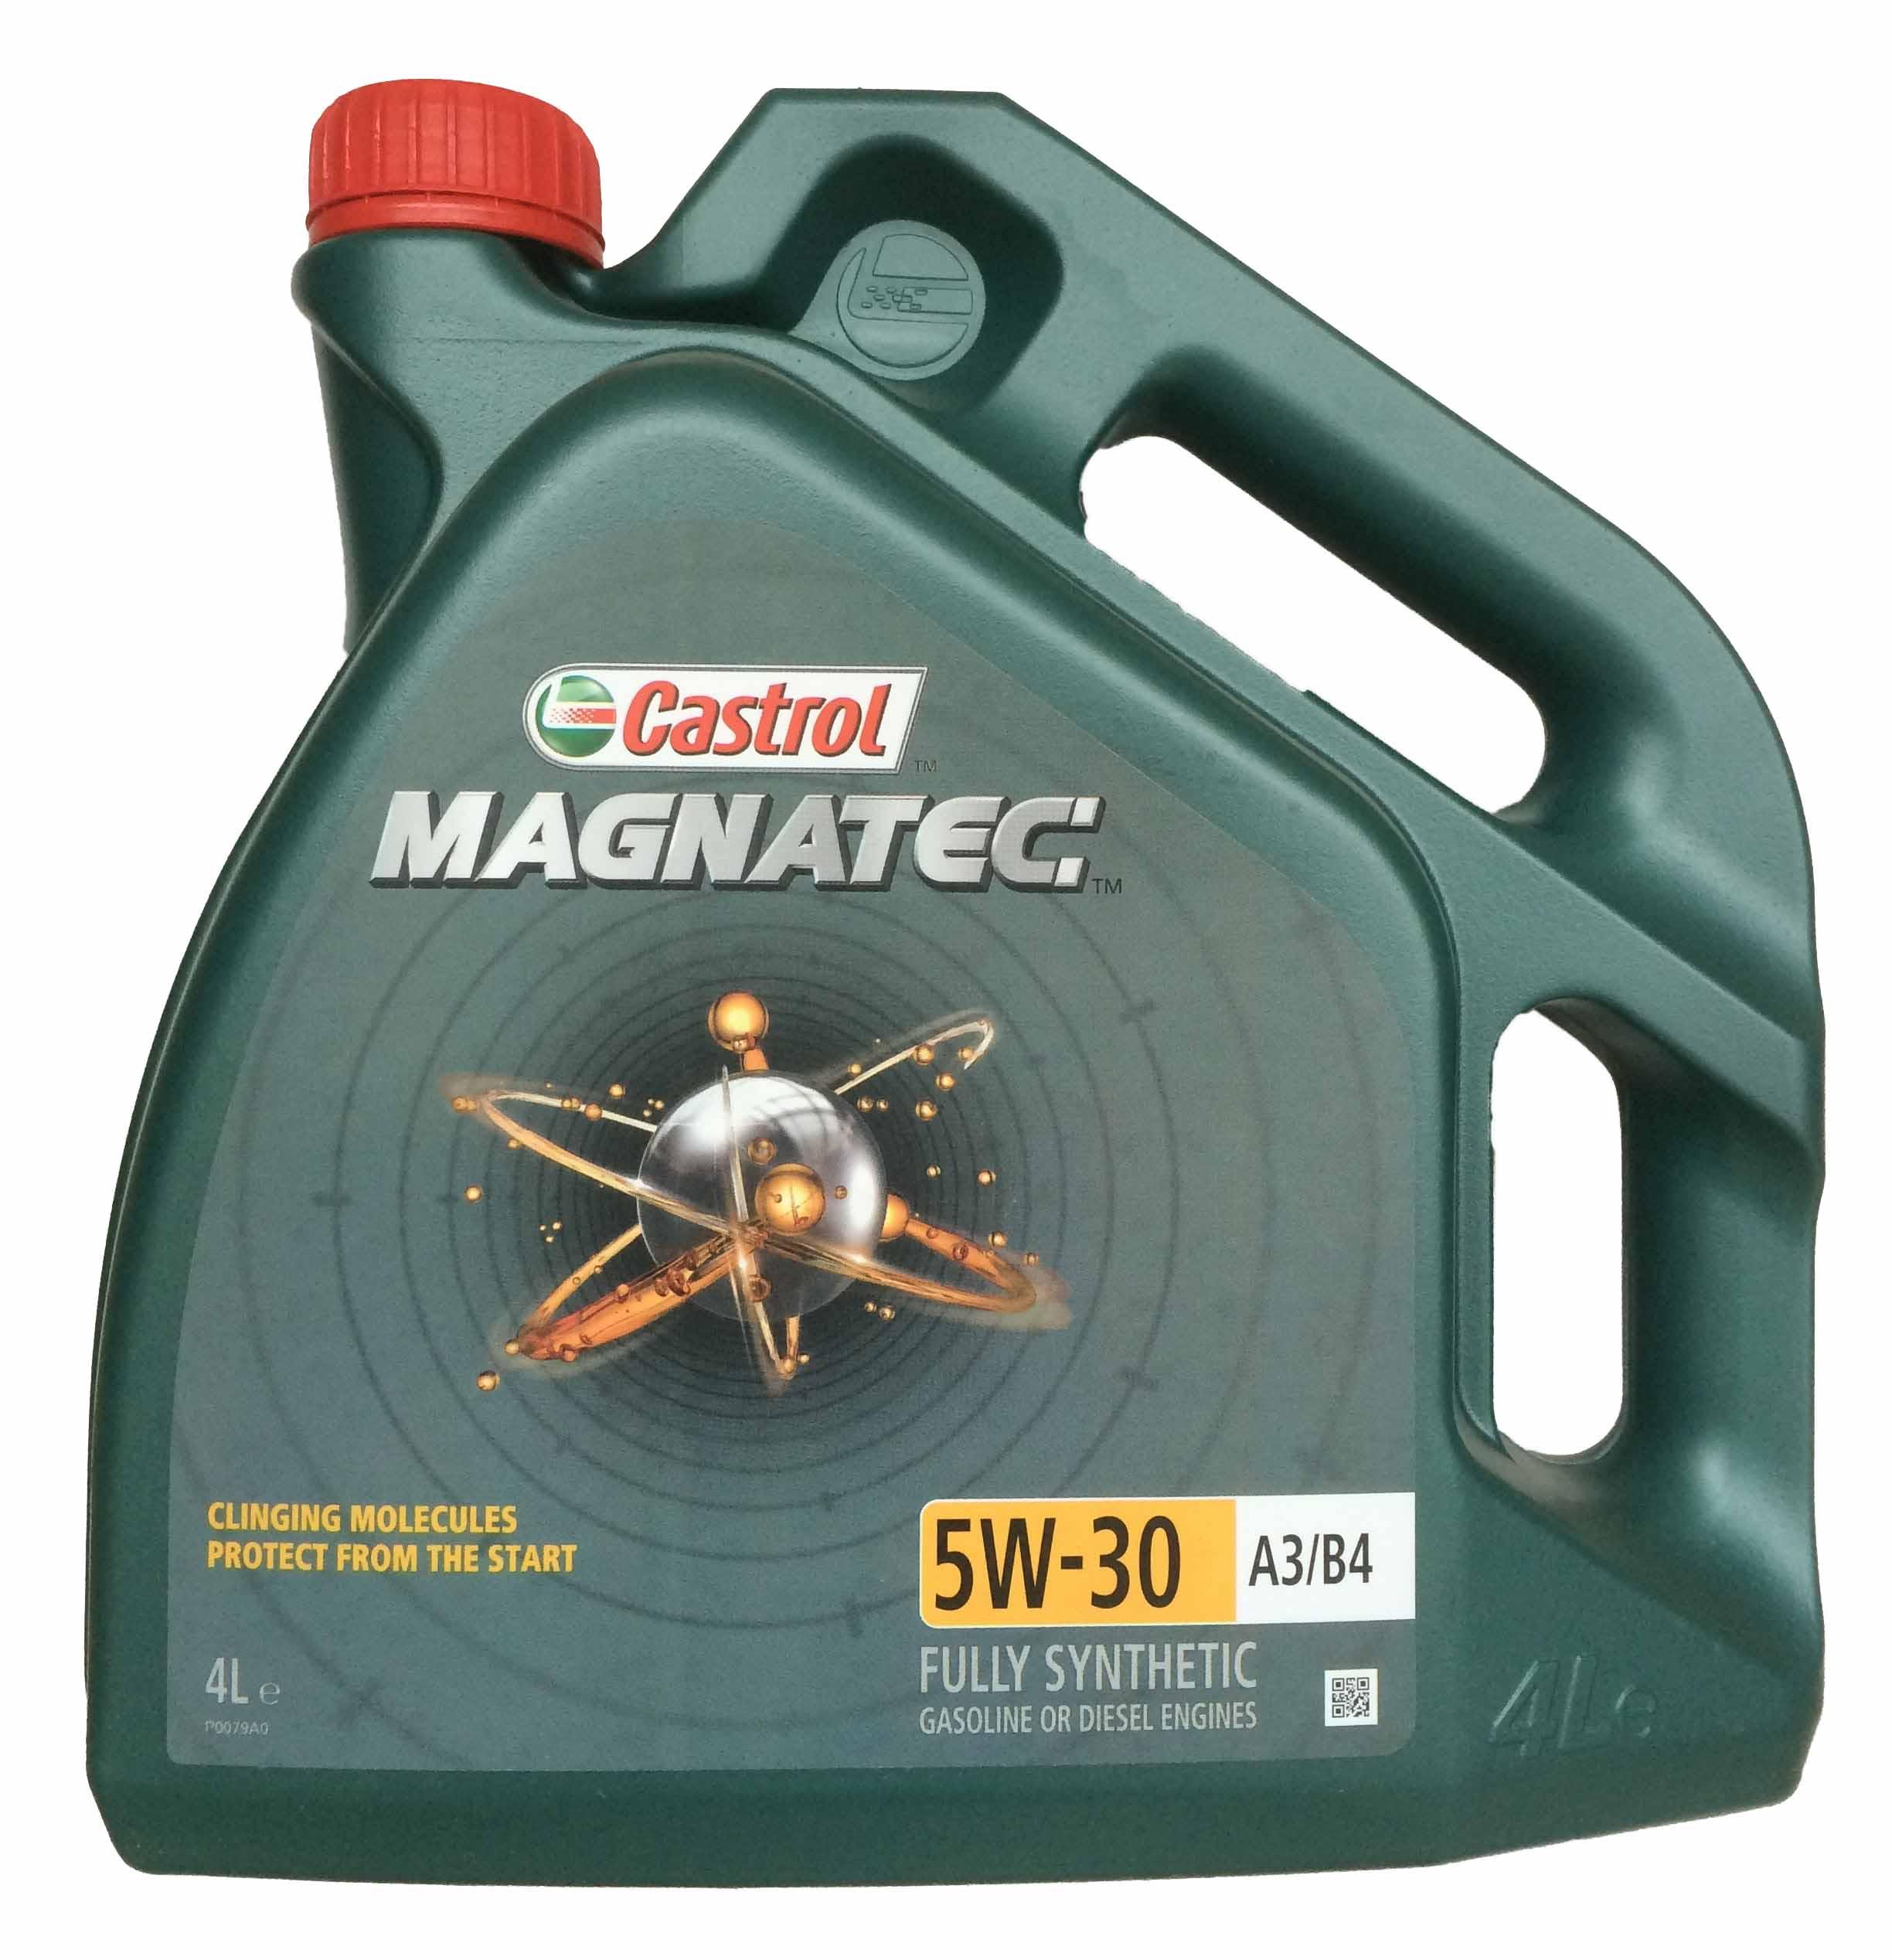 Изображение для CASTROL Magnatec 5W-30 A3 B4 (4л)